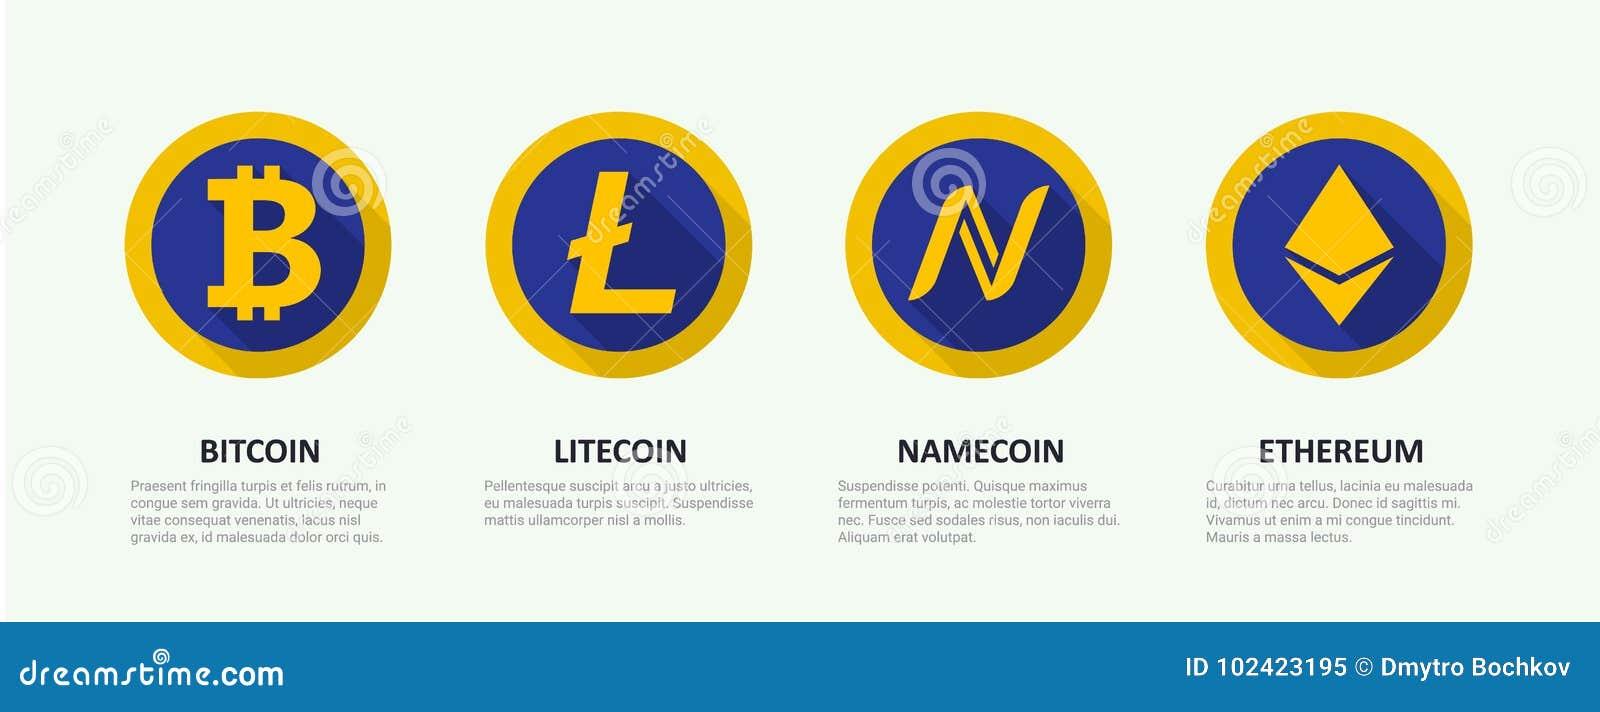 è bitcoin trading legale in nigeria